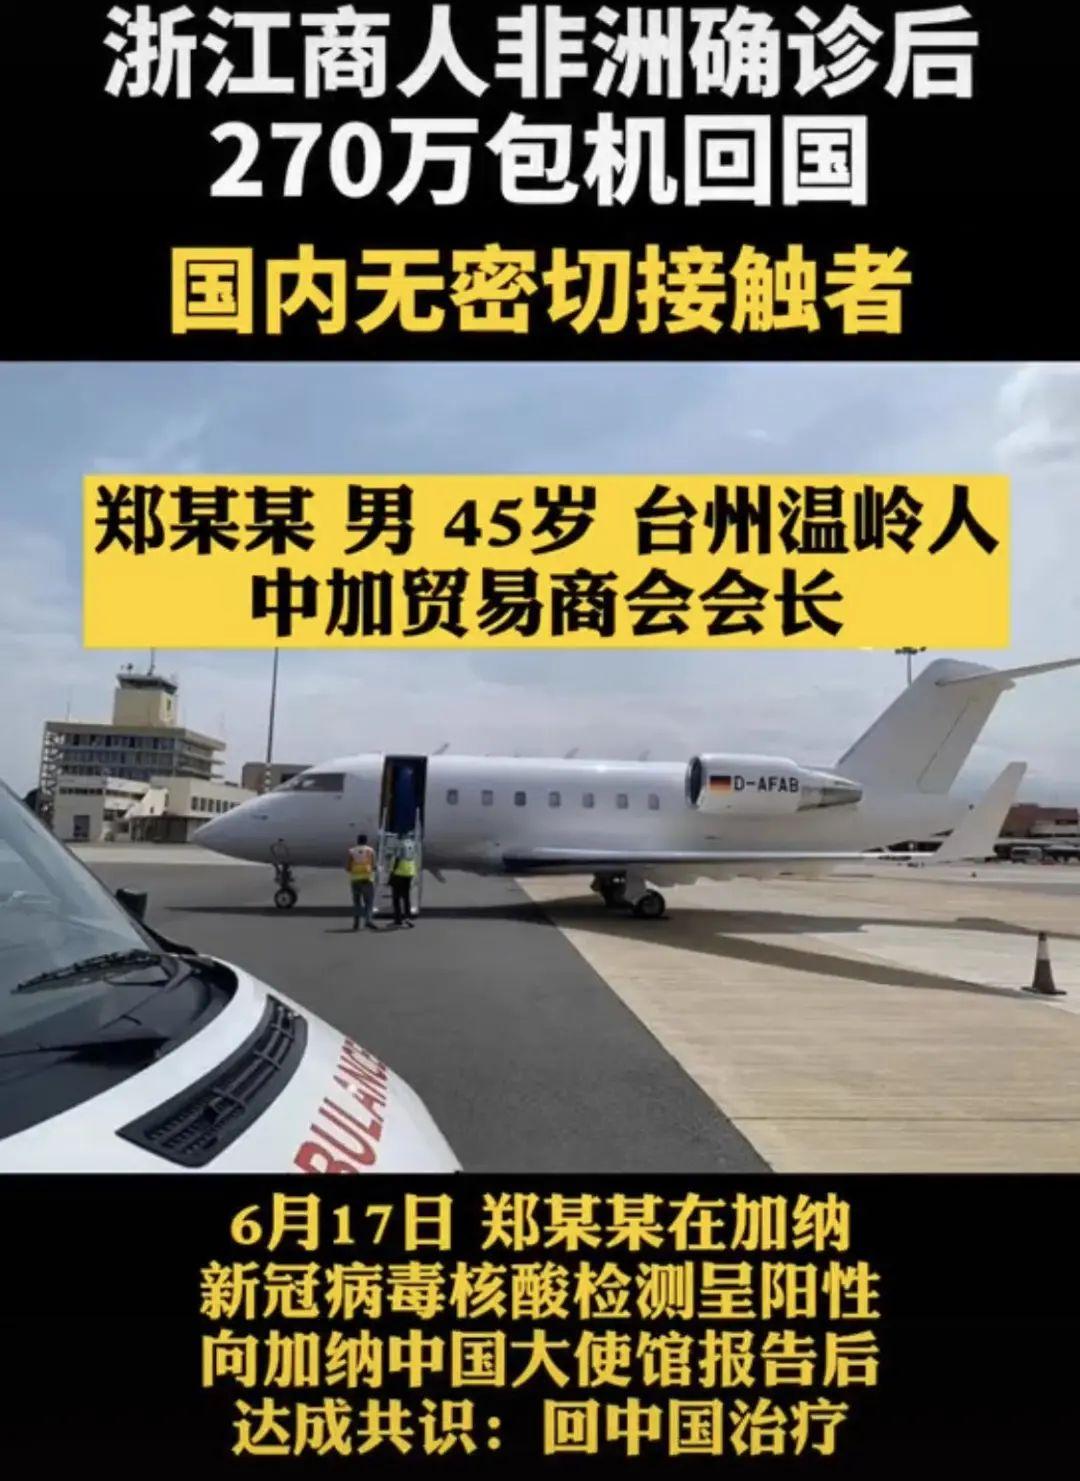 私人飞机触手可及 租赁平台闷声发财